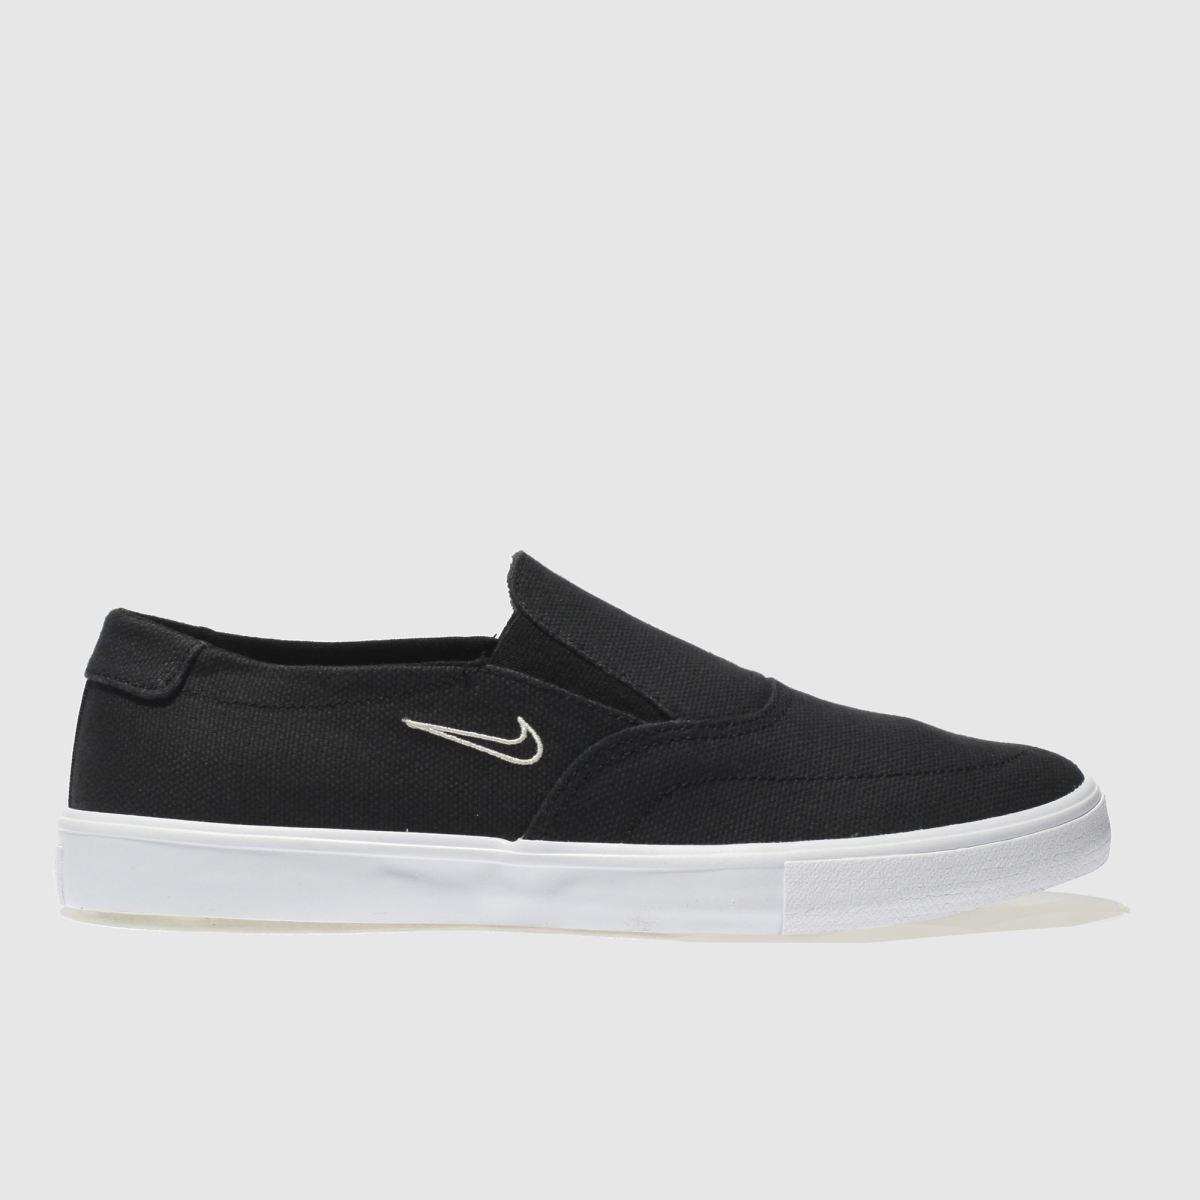 Nike SB Nike Sb Black Portmore Ii Slip Trainers